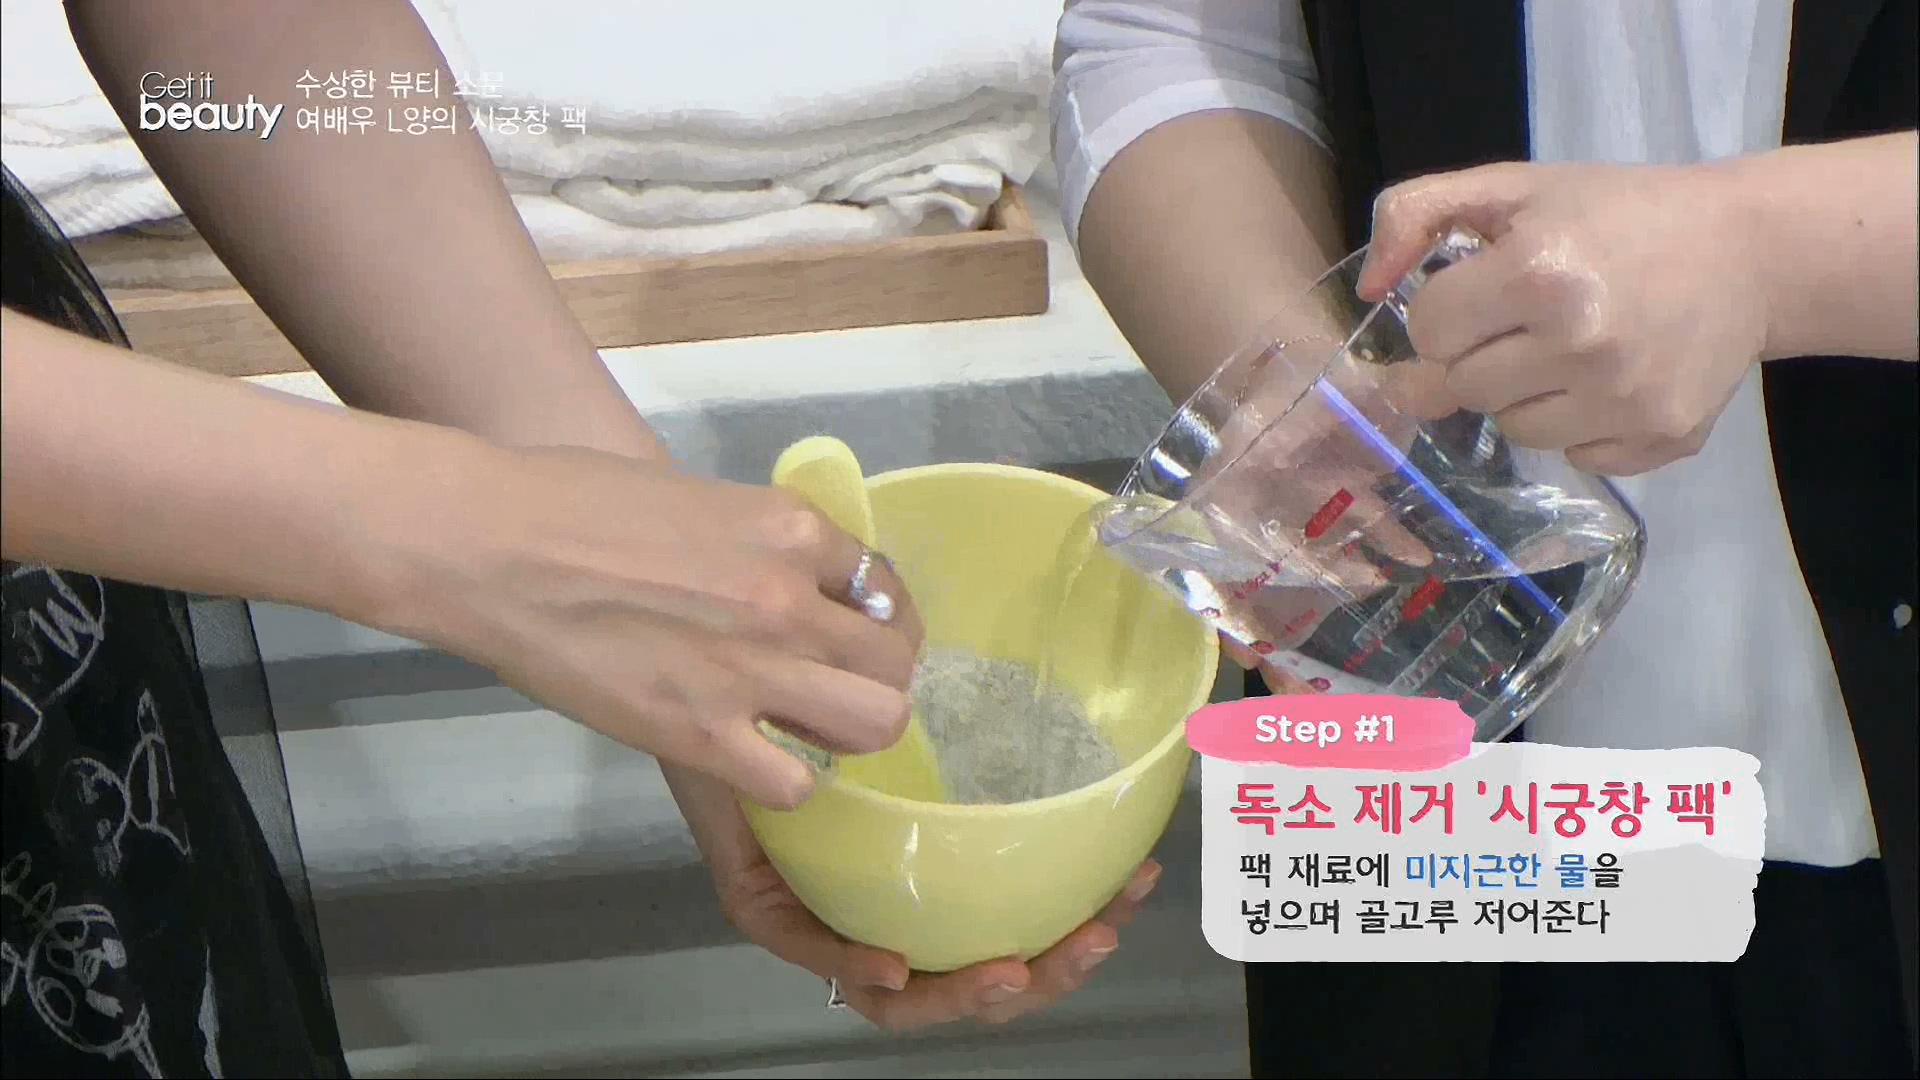 Step#1.독소 제거 '시궁창 팩' 팩 재료에 미지근한 물을 넣으며 골고루 저어준다.